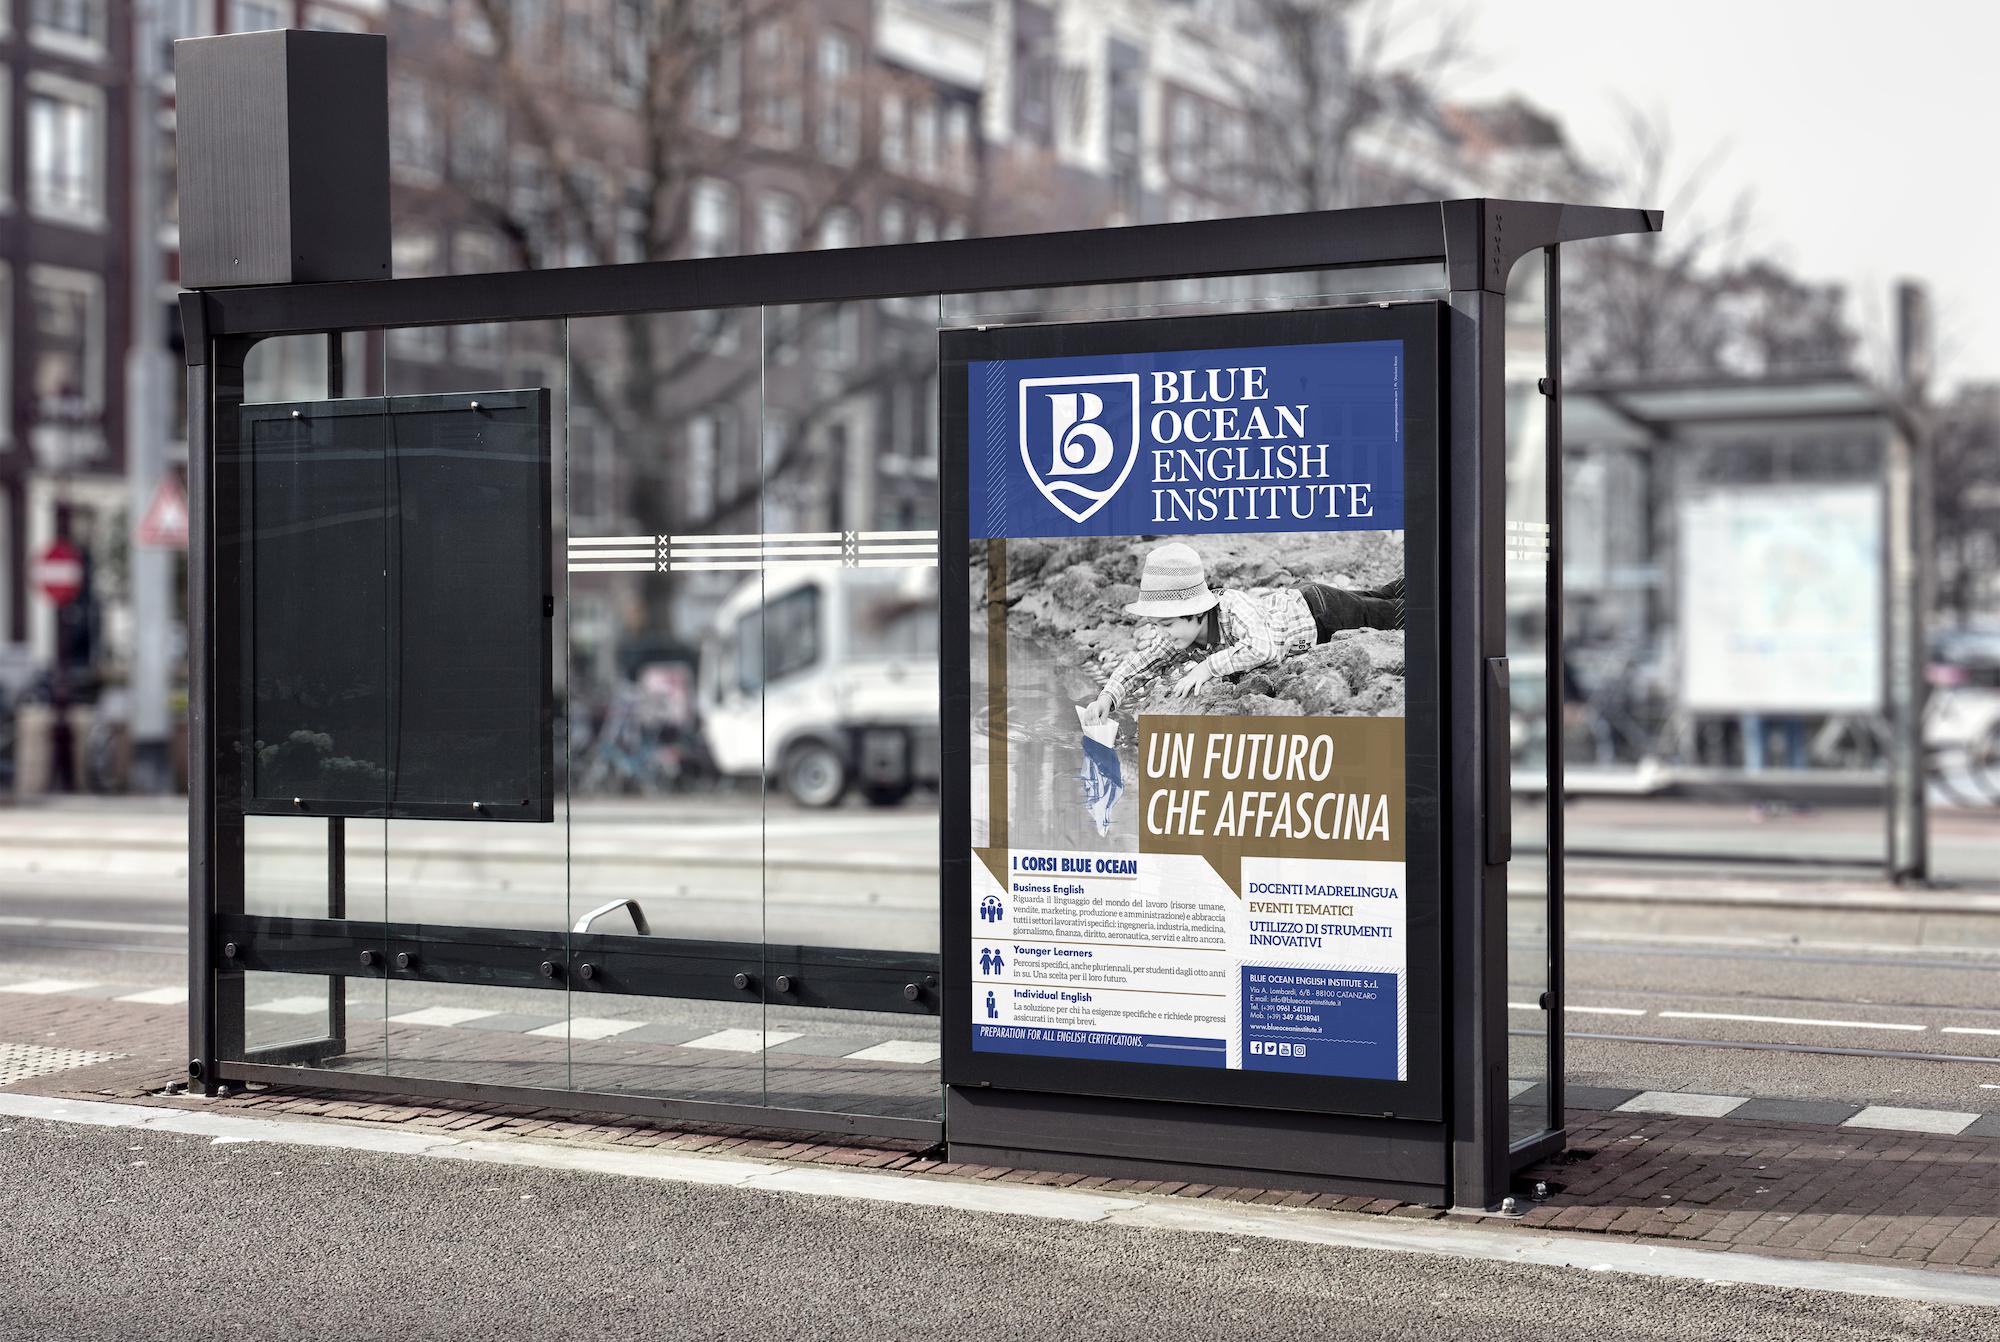 Campagna Advertising Un futuro che affascina Blue Ocean English Institute paline autobus